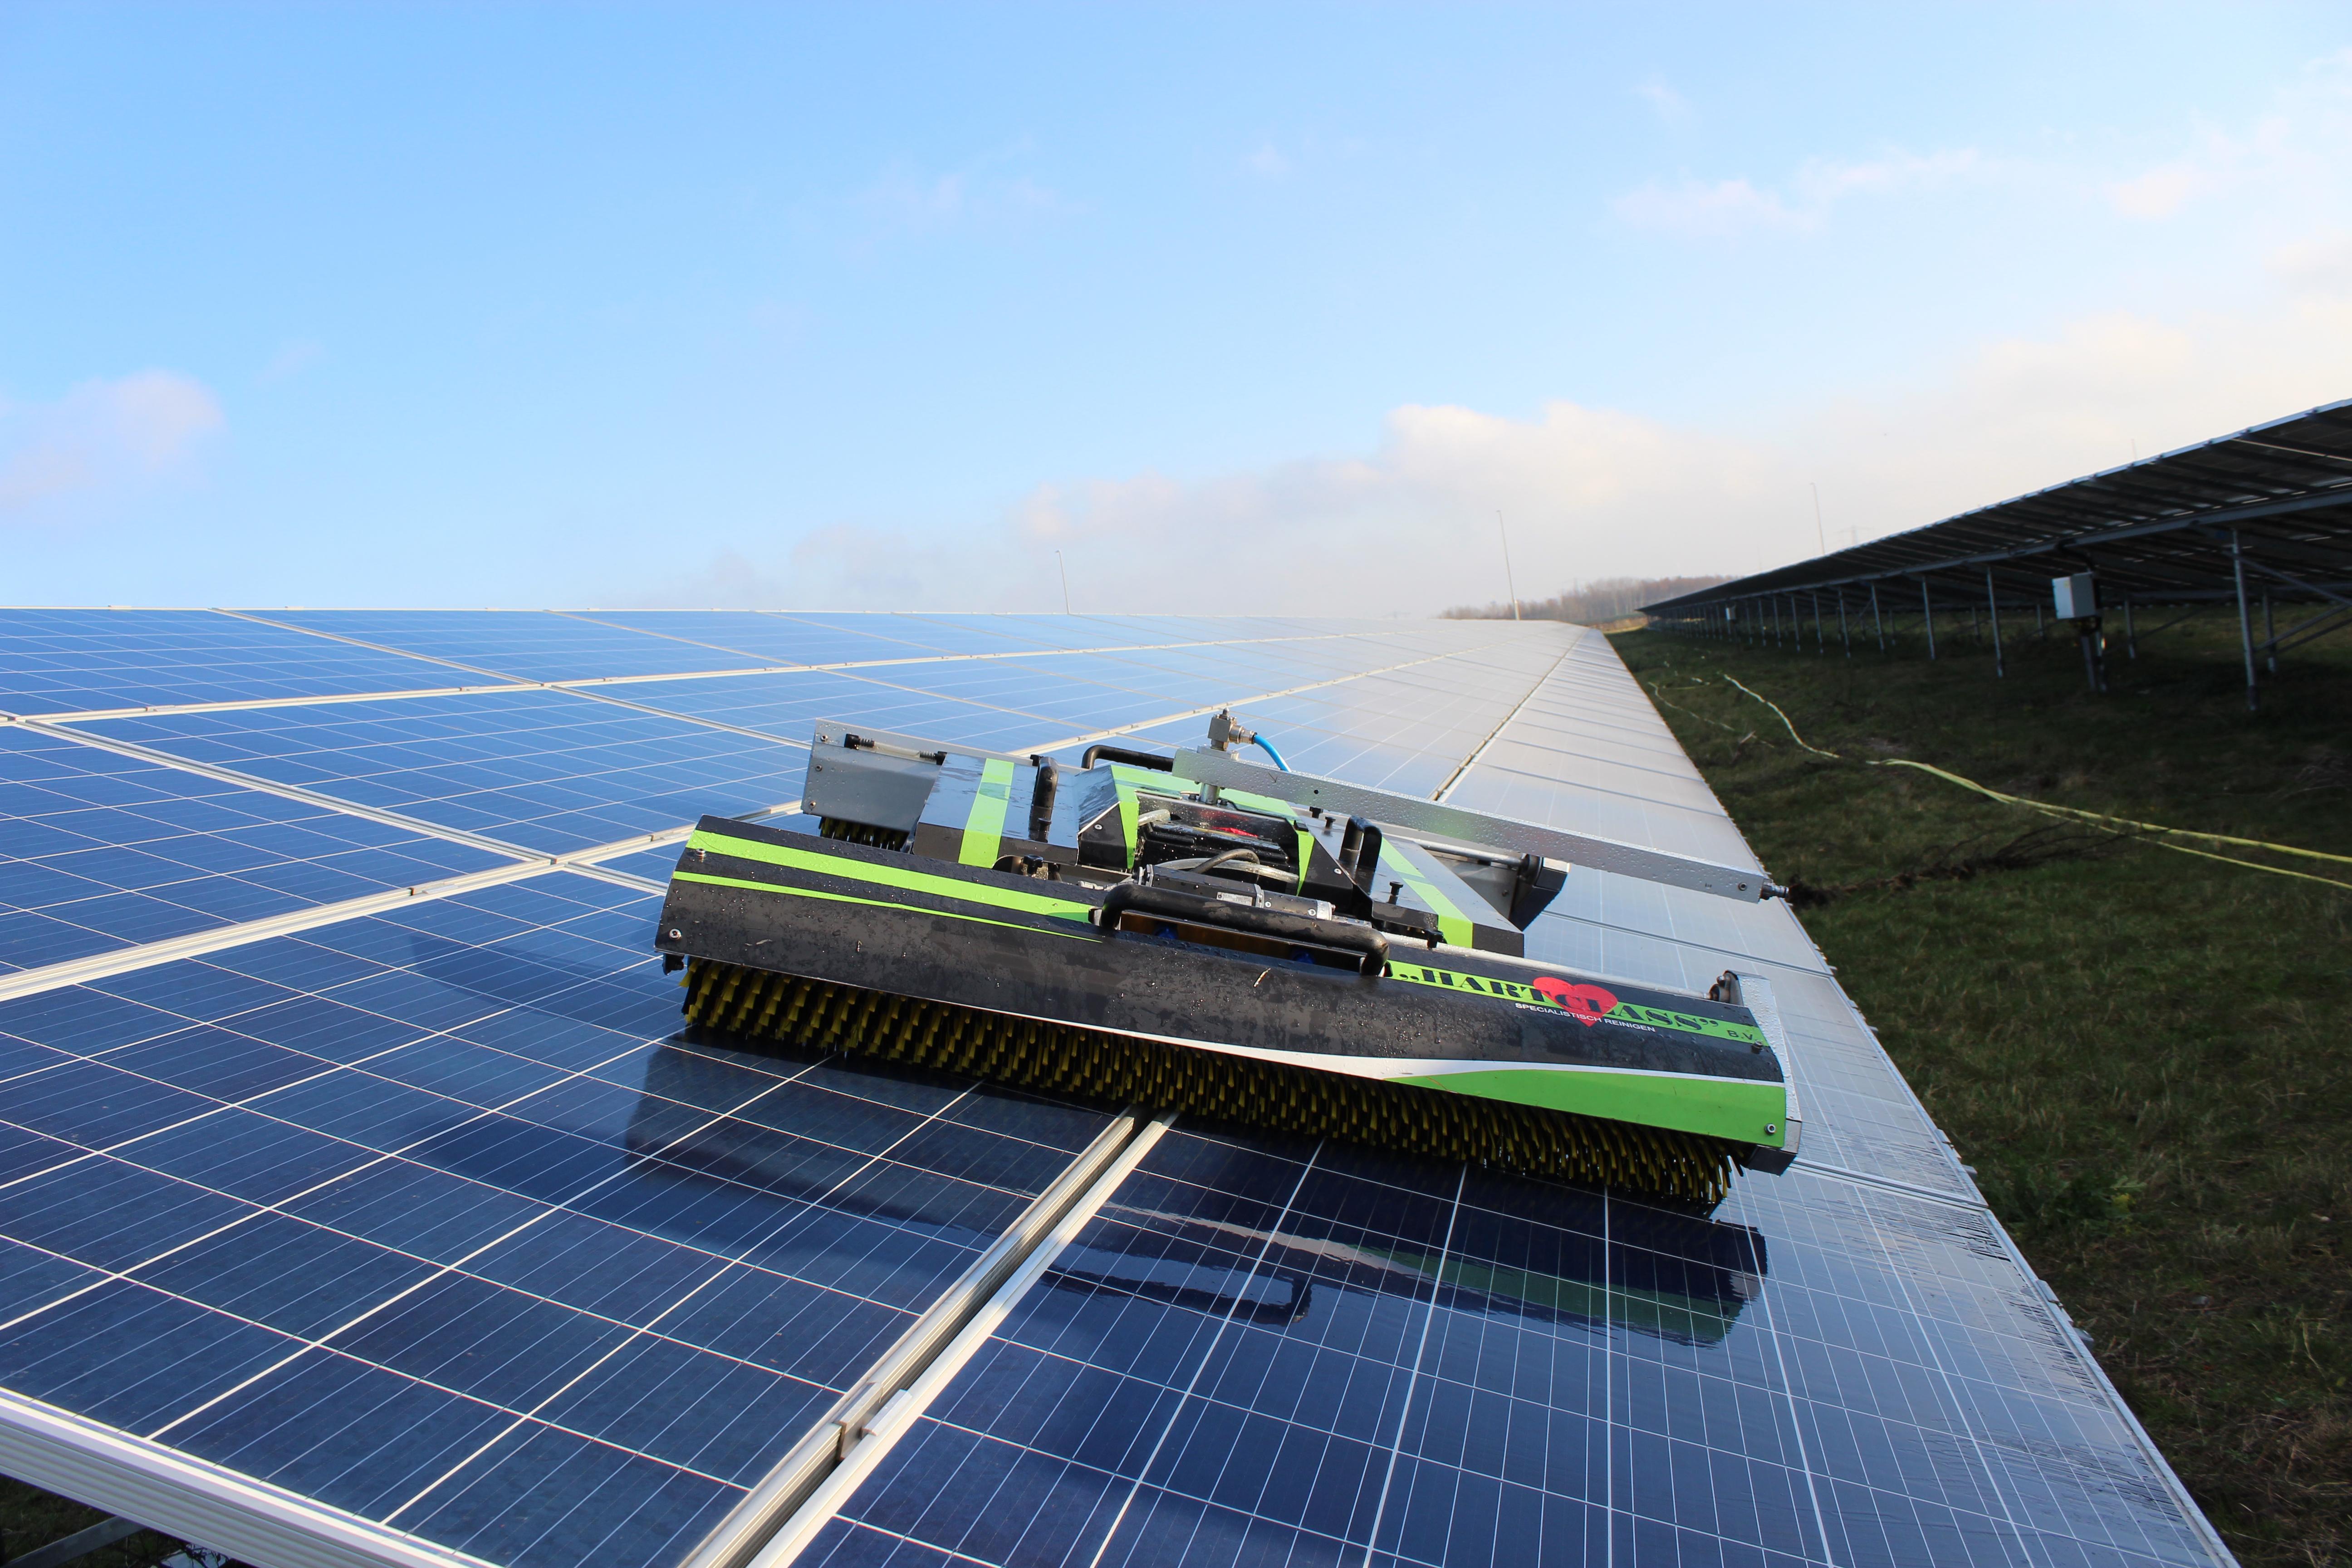 schoonmaak grondgebonden zonnepark met reinigingsrobot